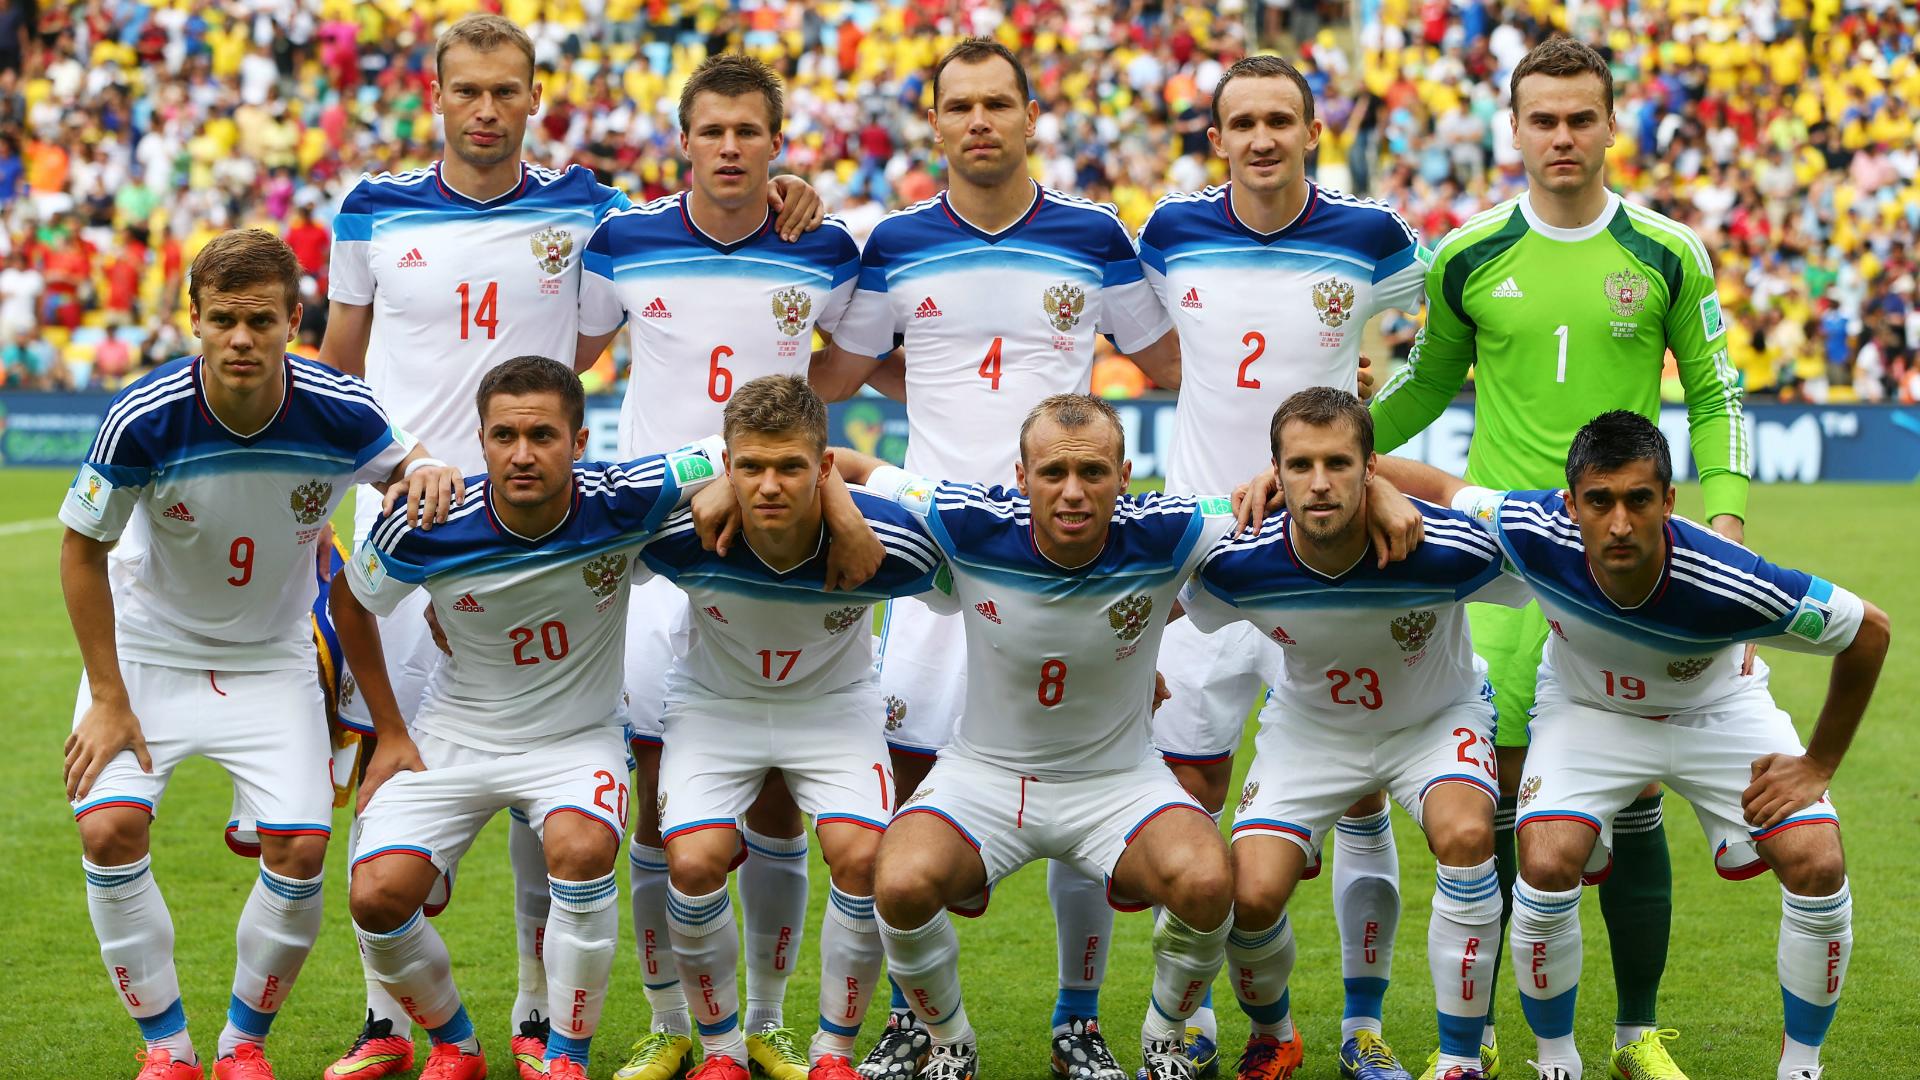 La Fifa conferma l'inchiesta-doping sulla Nazionale russa a Brasile 2014